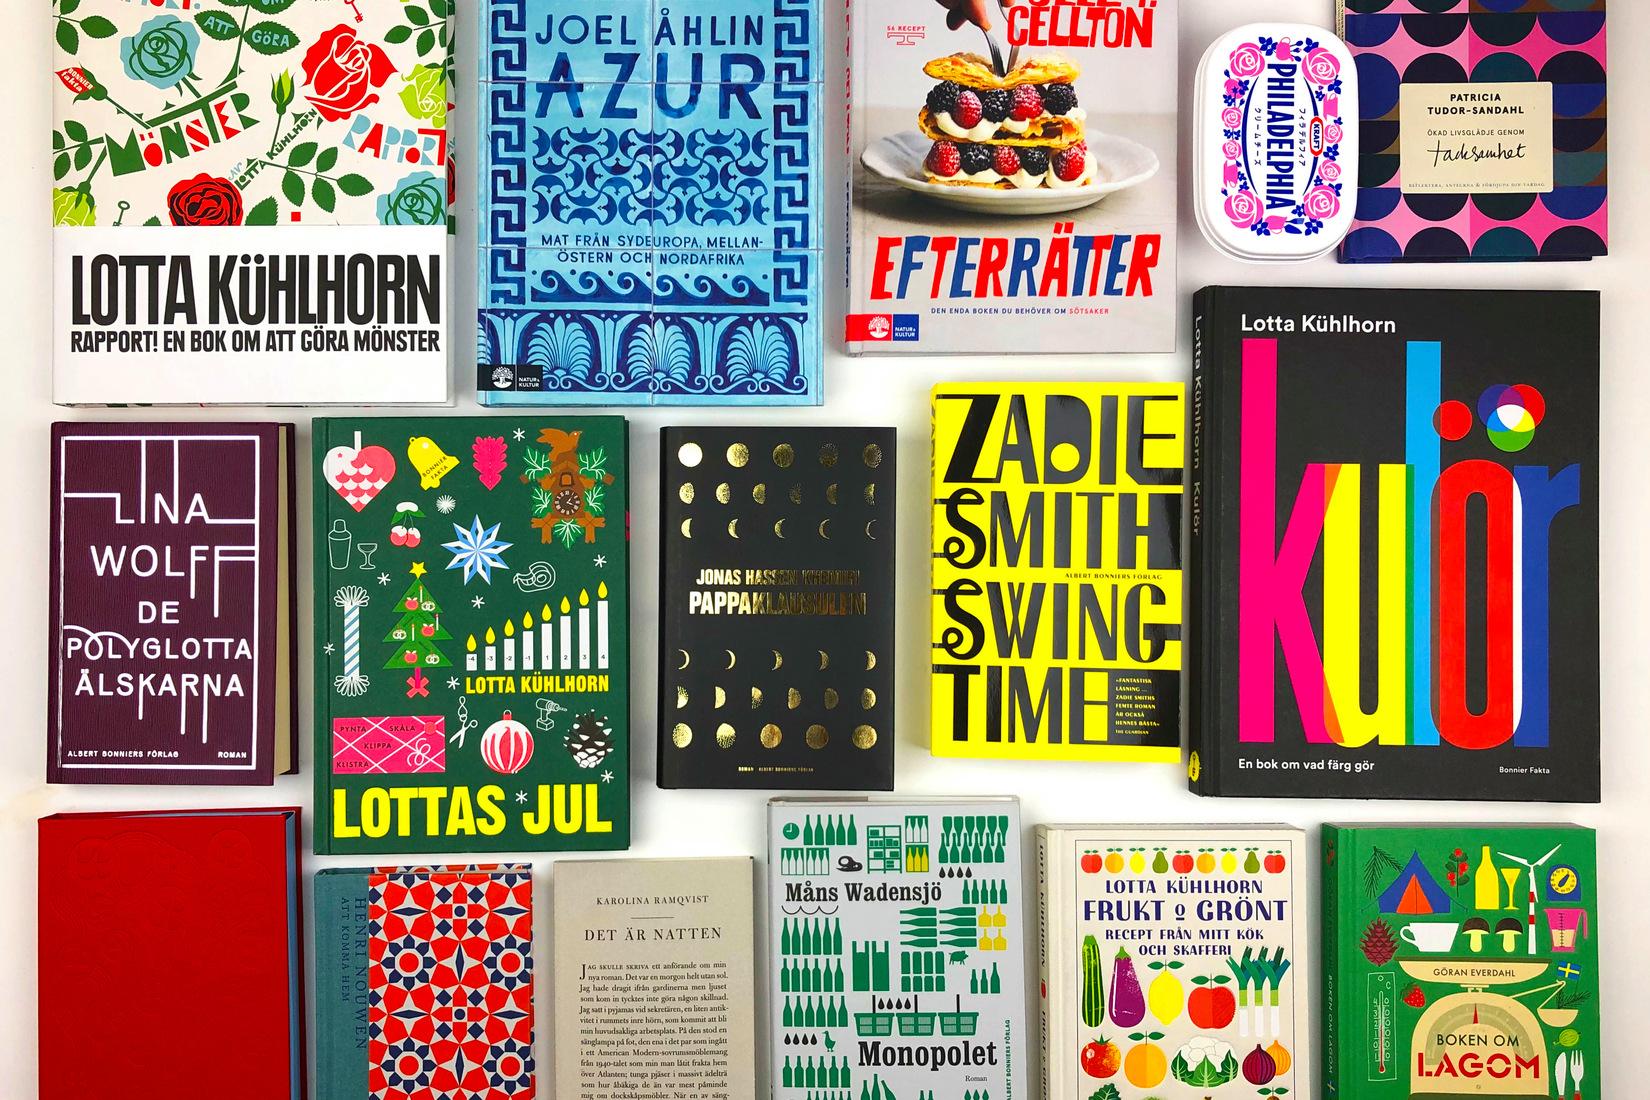 Des livres alignés, à la couverture colorée et graphiques